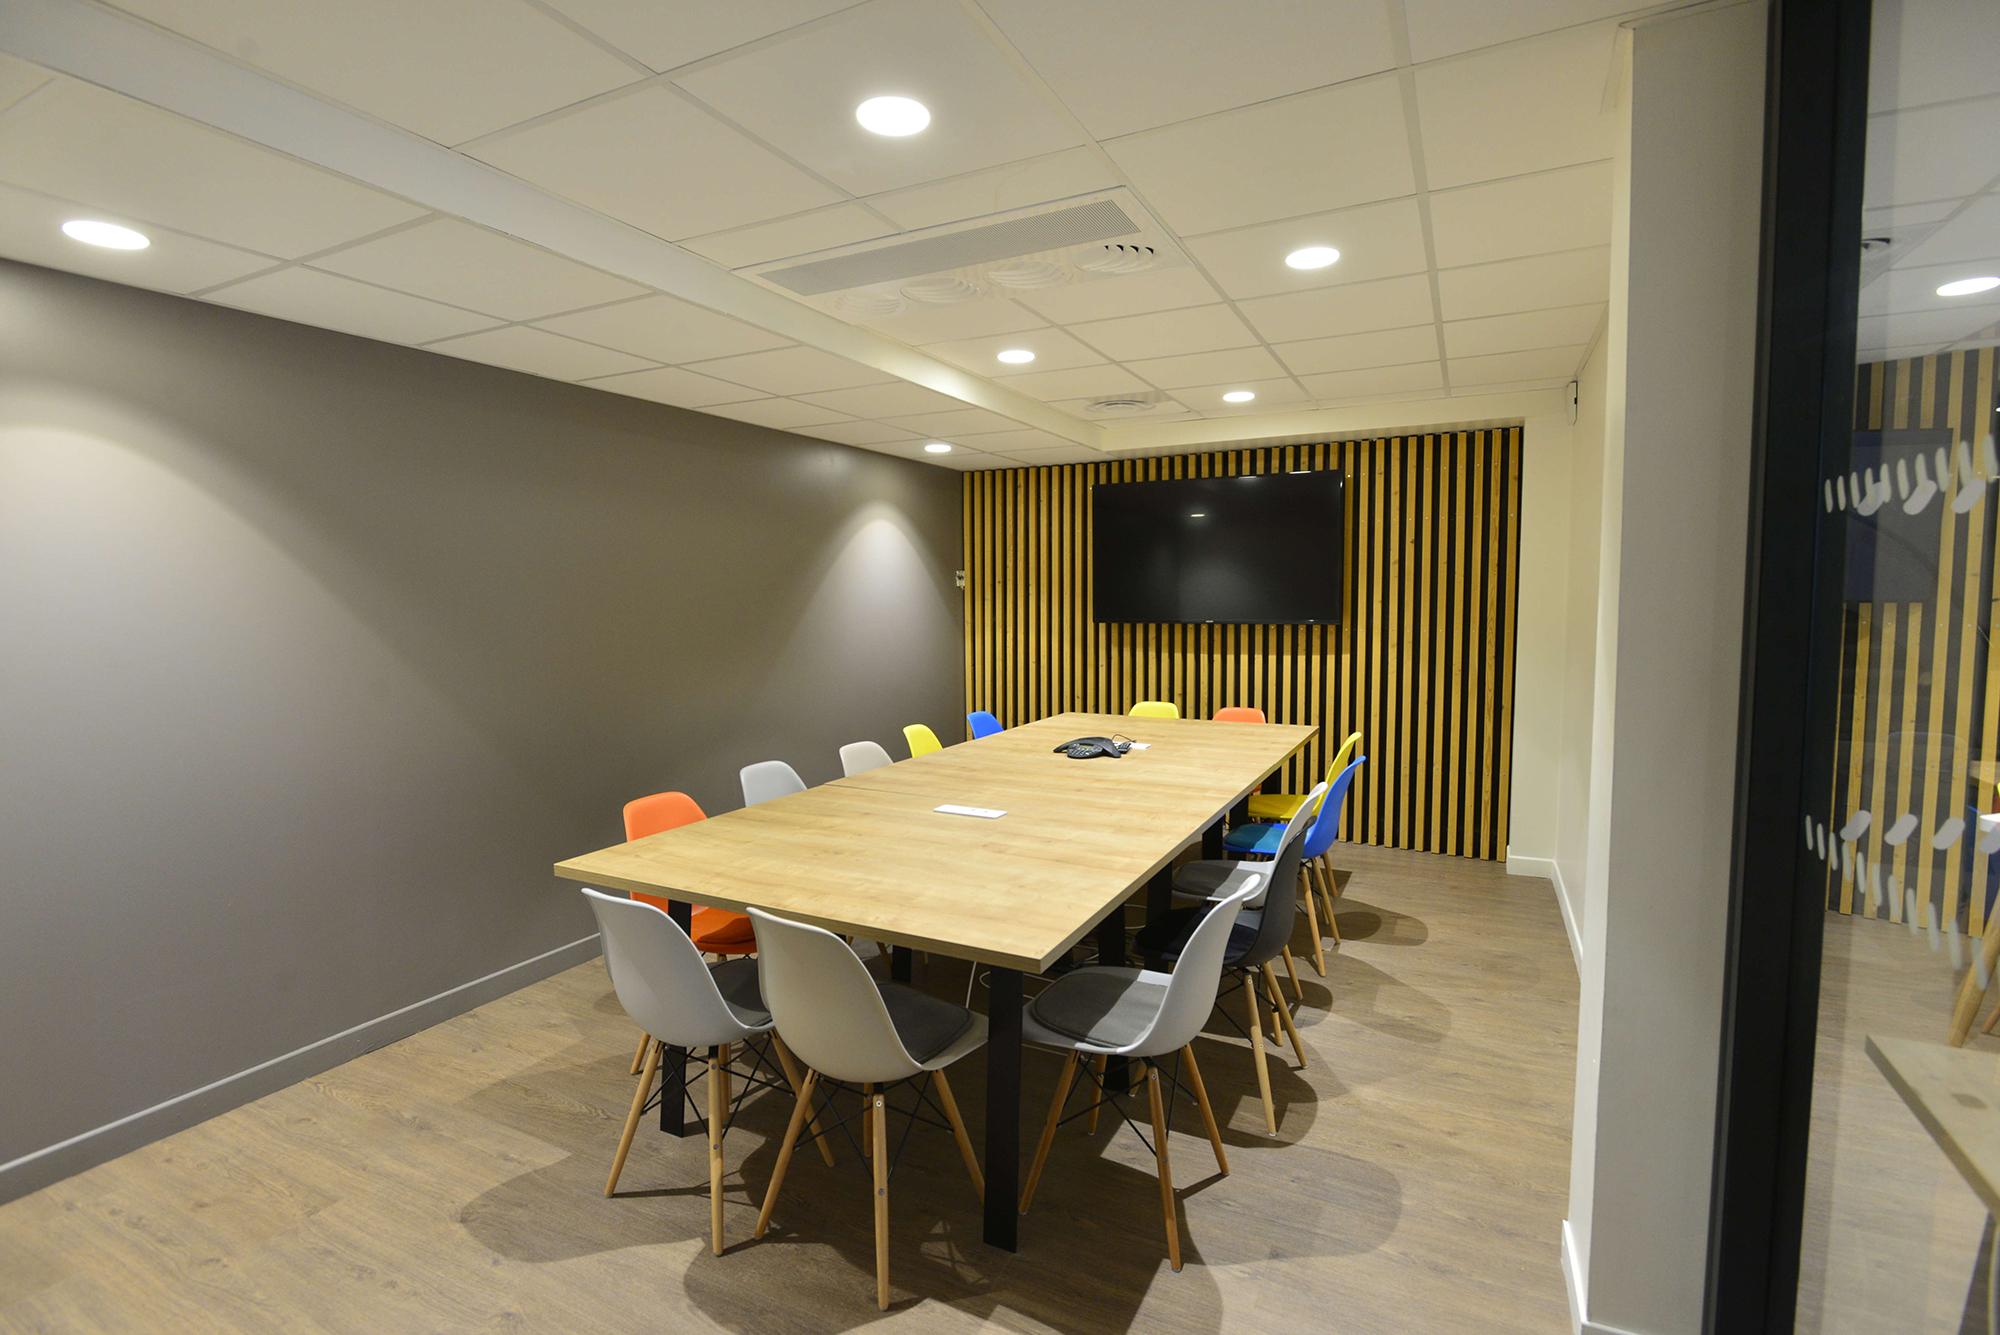 Salle de réunion pour 17 personnes située dans le centre de Bordeaux